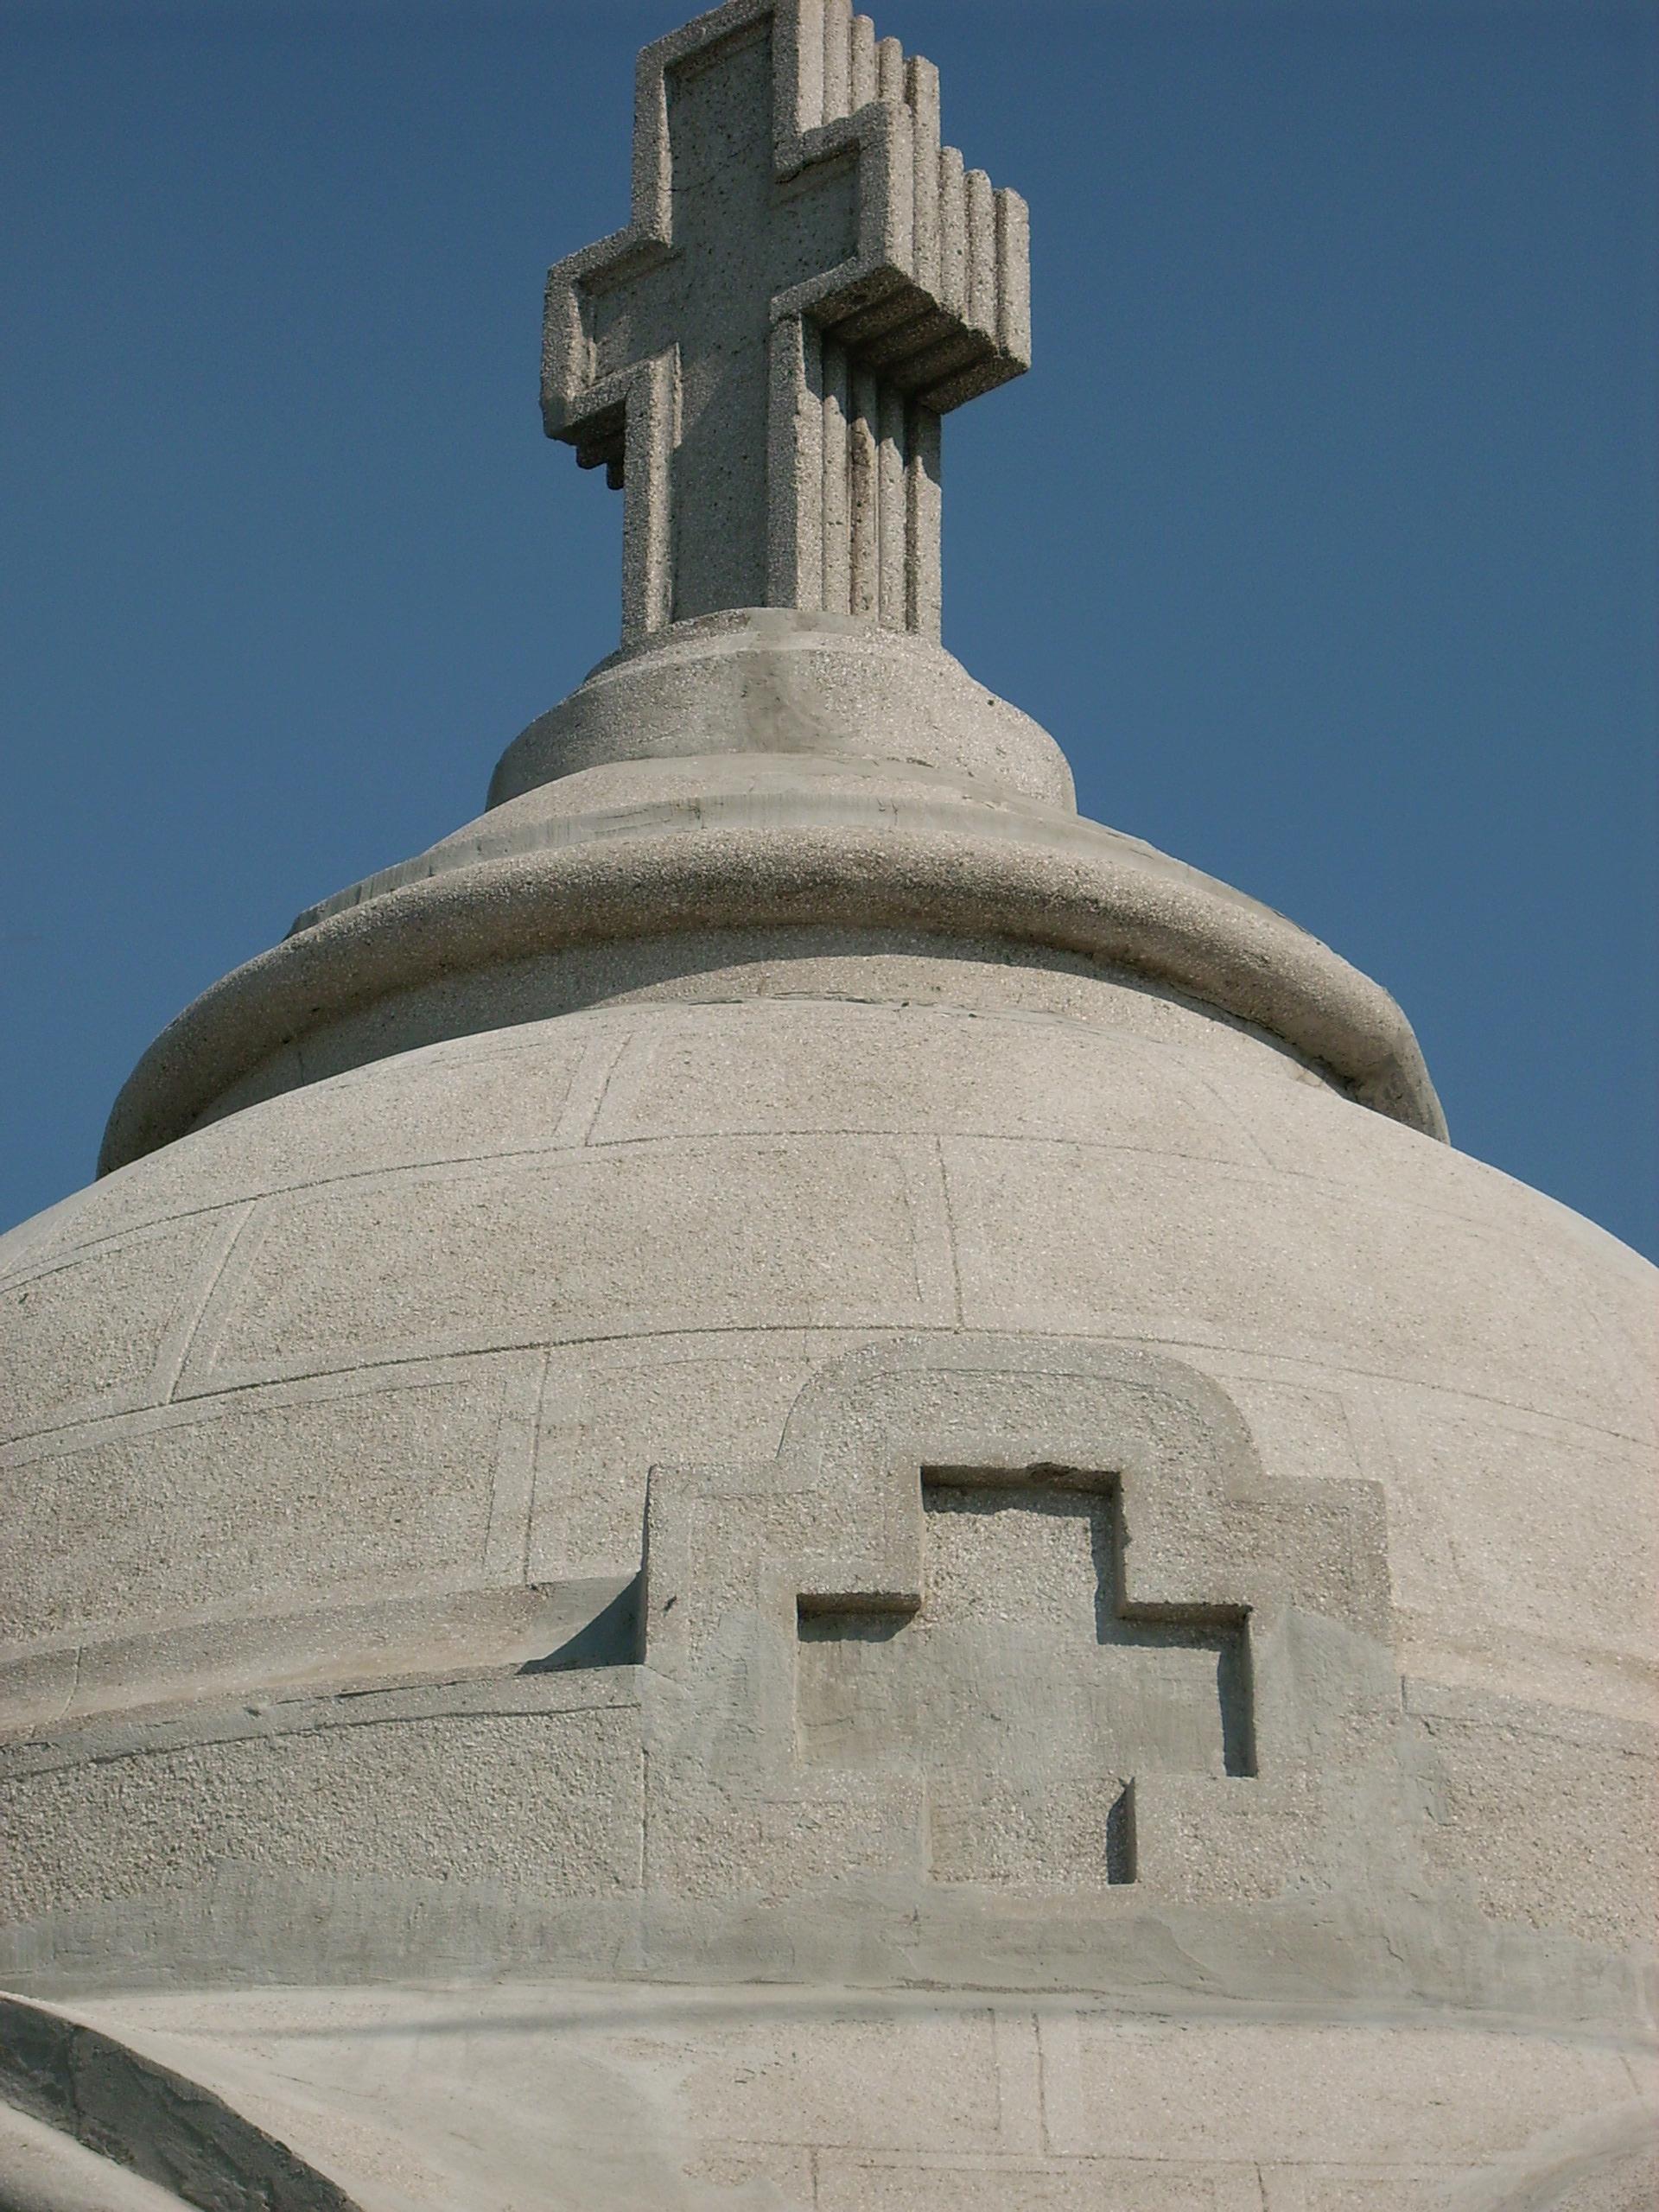 Aplicarea tratamentelor de impermeabilizare - Monument funerar UNICO PROFIT - Poza 15